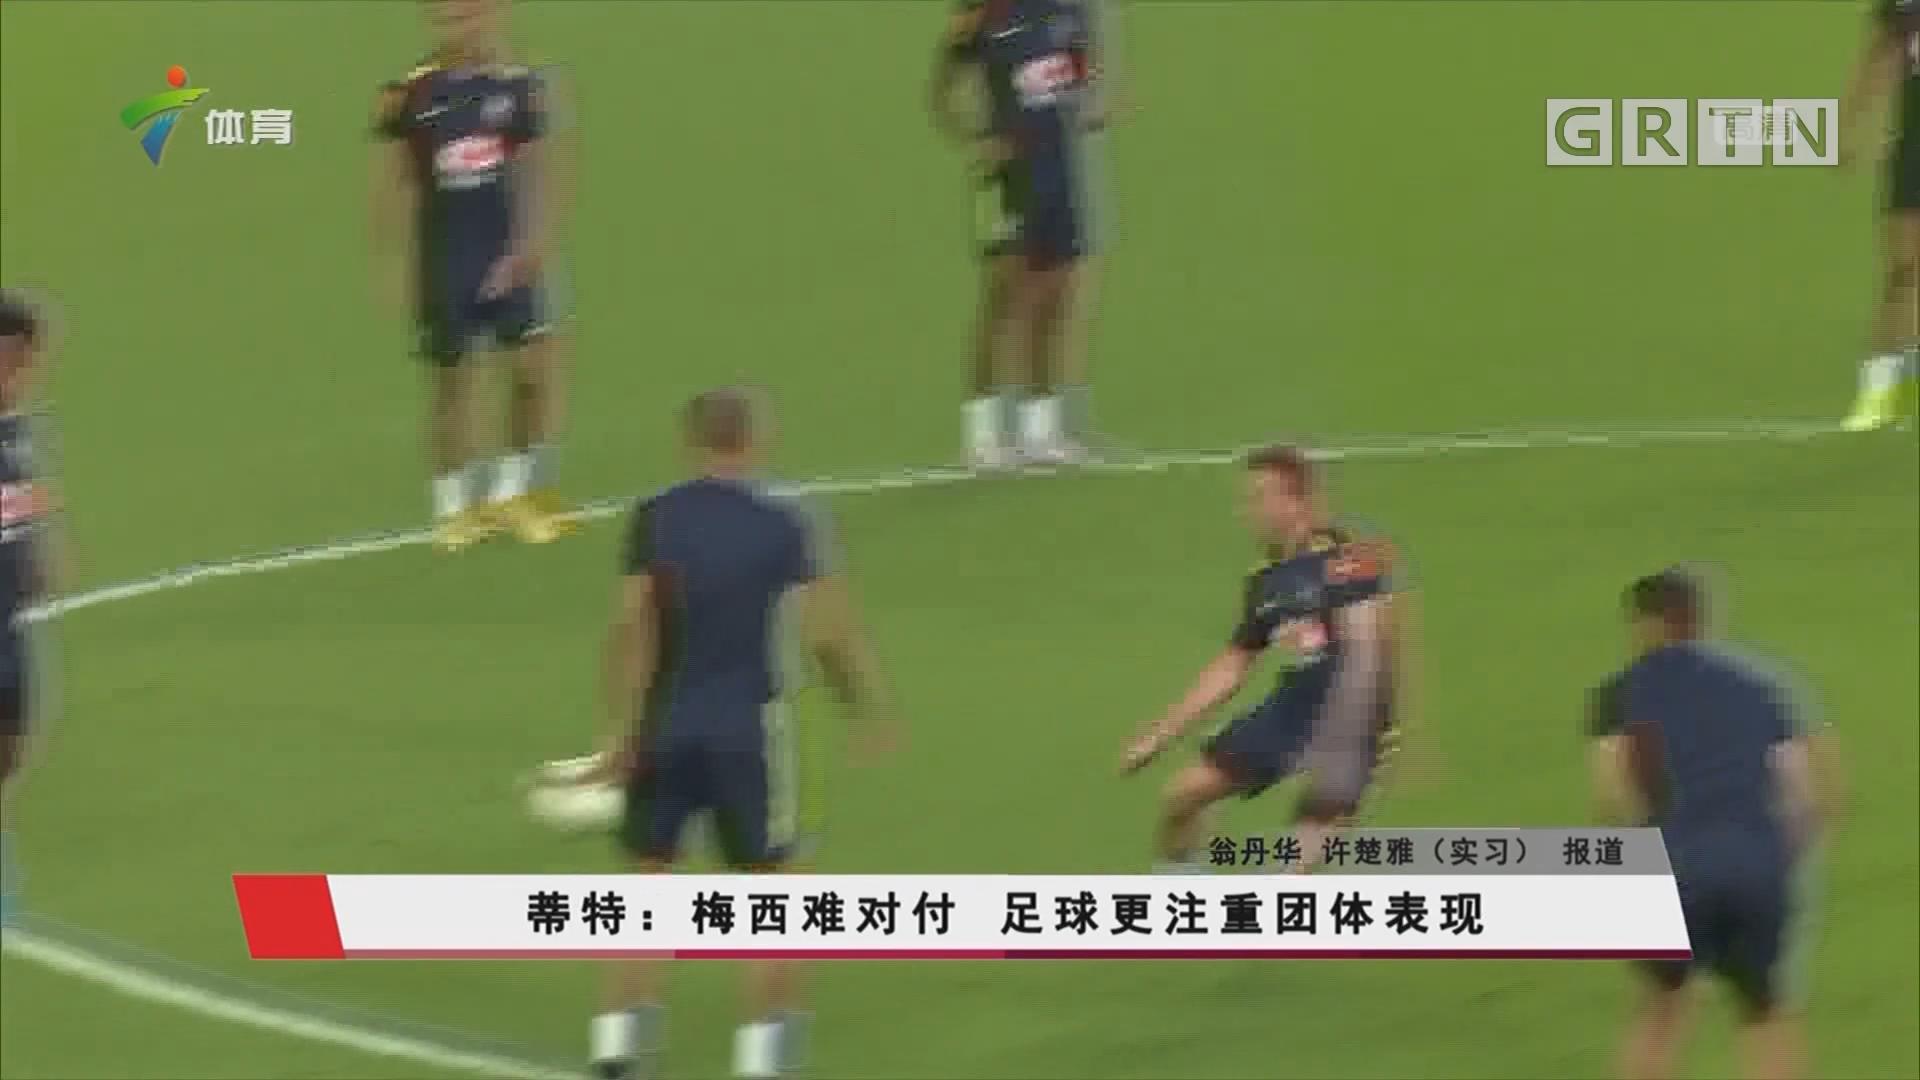 蒂特:梅西难对付 足球更注重团体表现